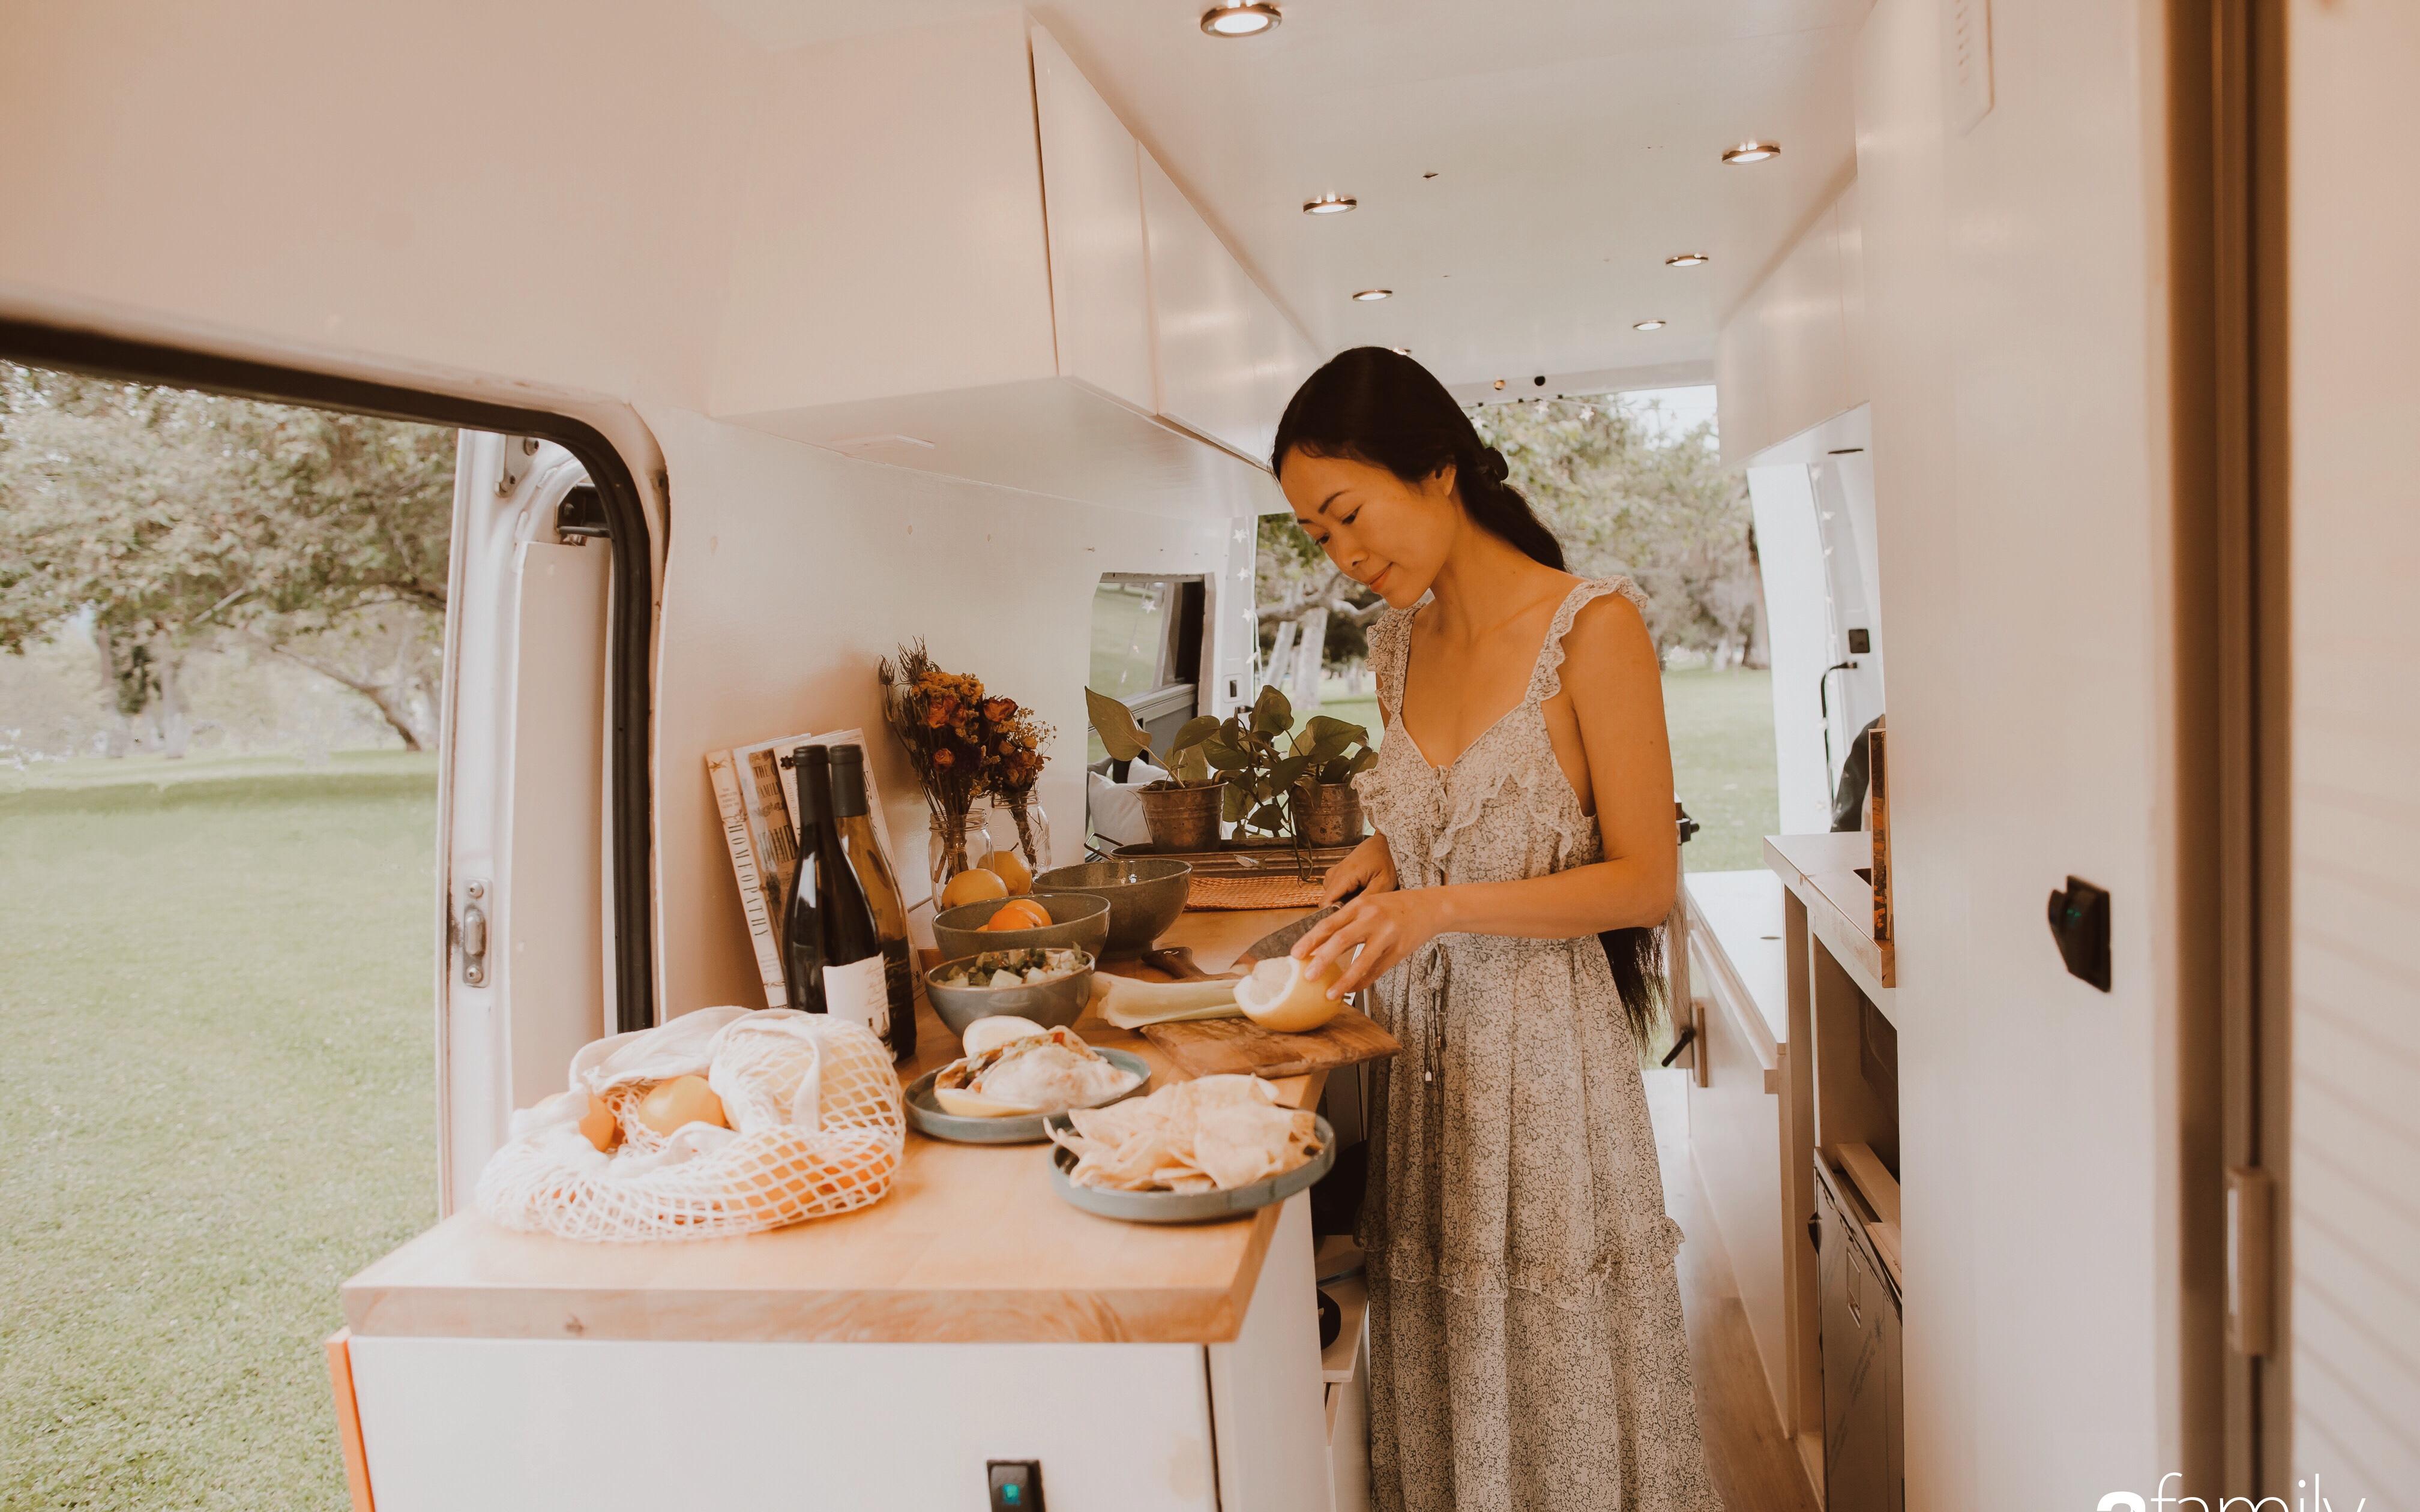 """Ấp ủ ước mơ """"du mục"""", cô gái Việt cùng chồng cải tạo xe vận chuyển cũ thành ngôi nhà di động đẹp đến khó tin"""